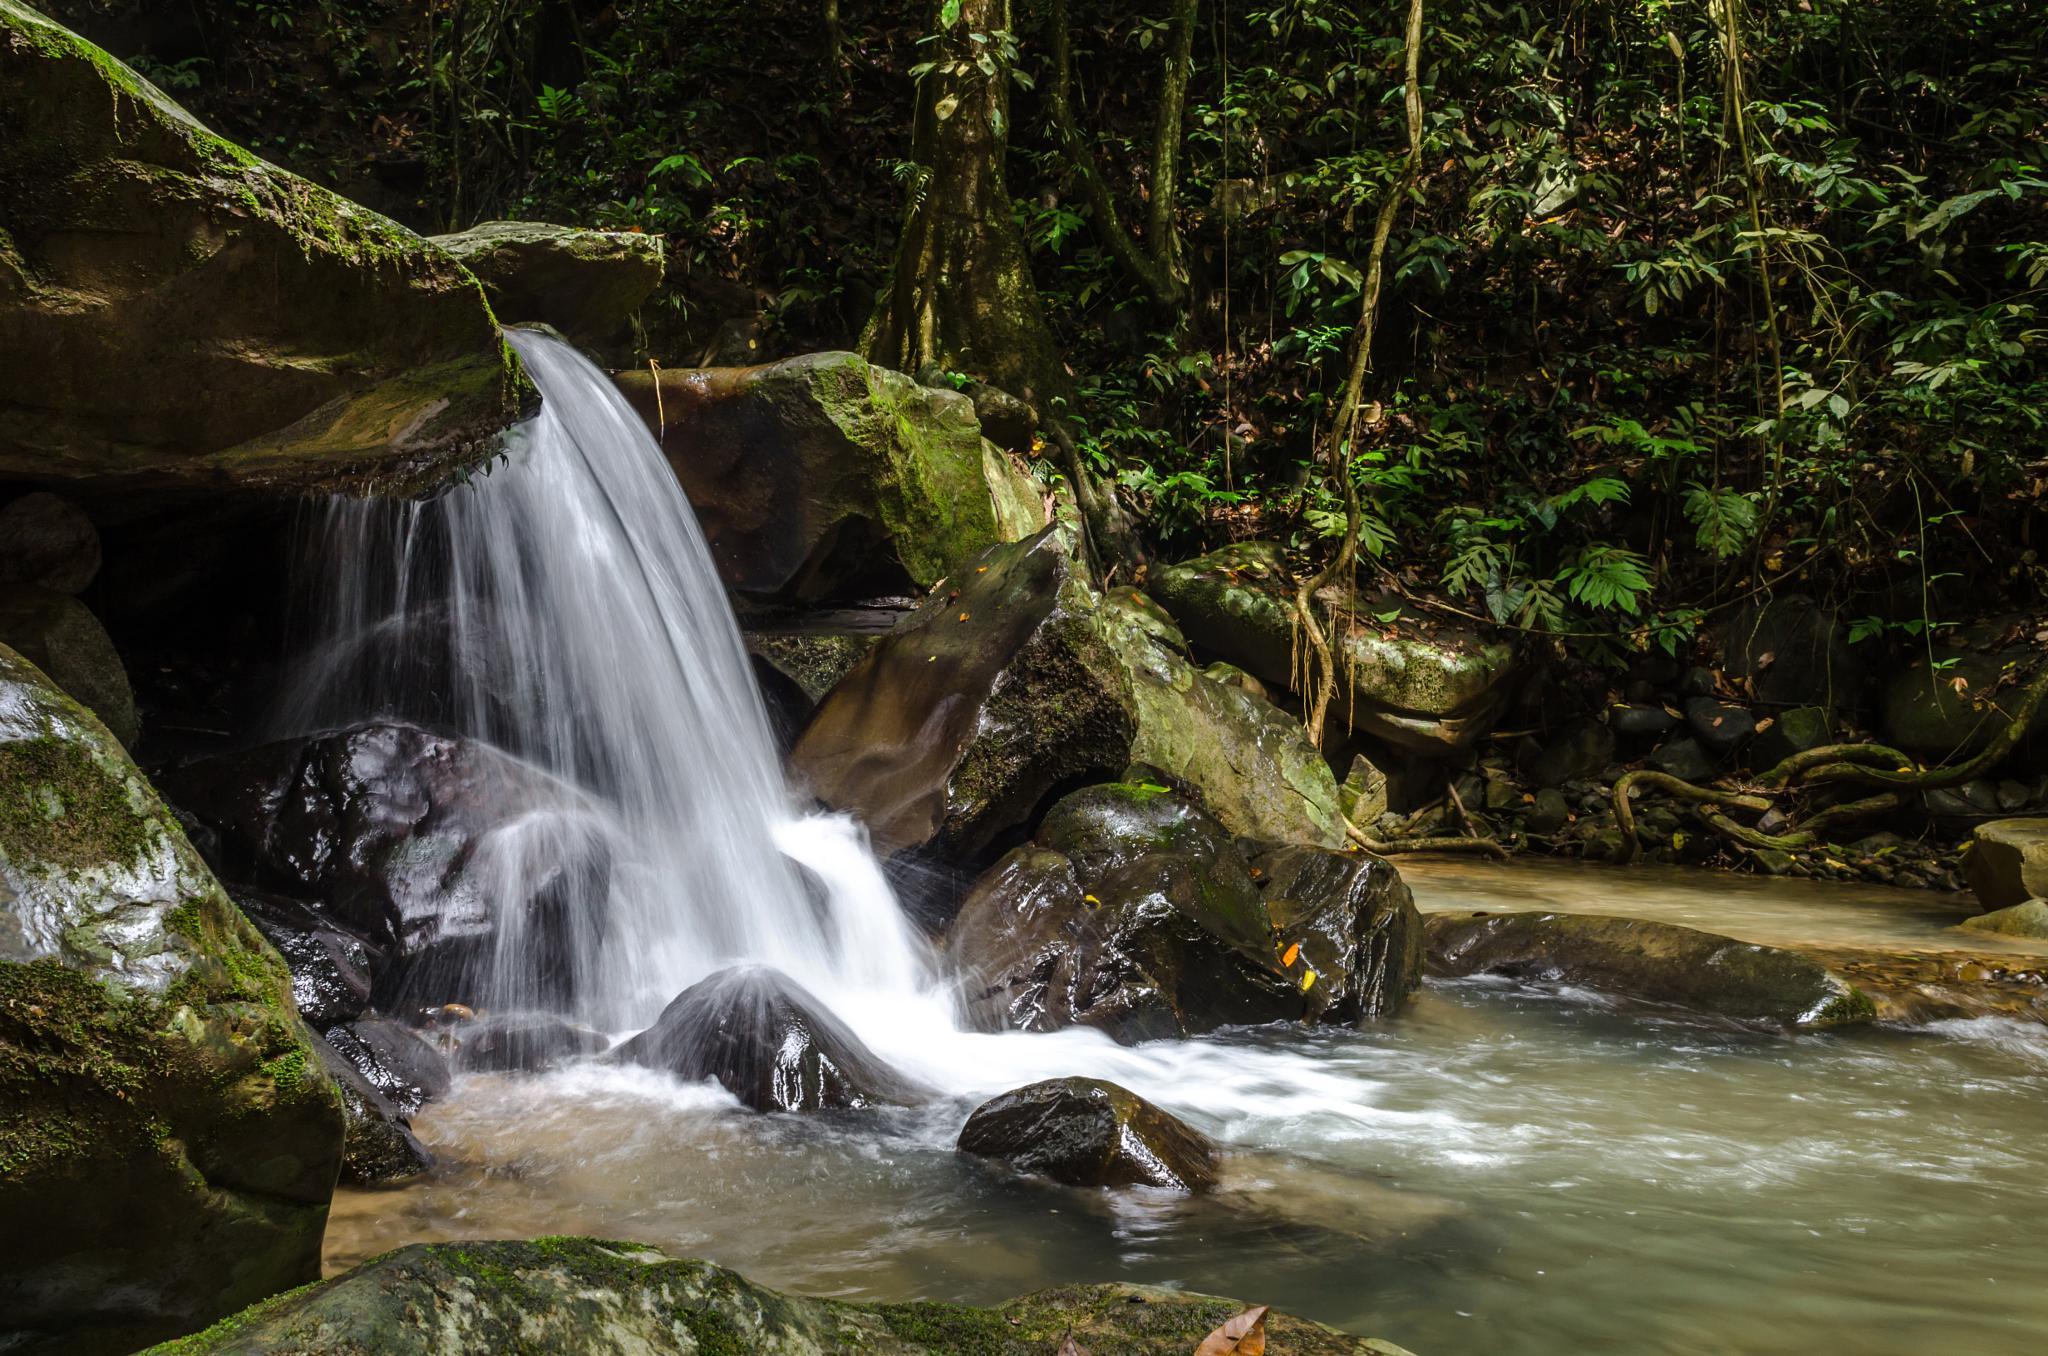 Waterfall by albert.lee.98892